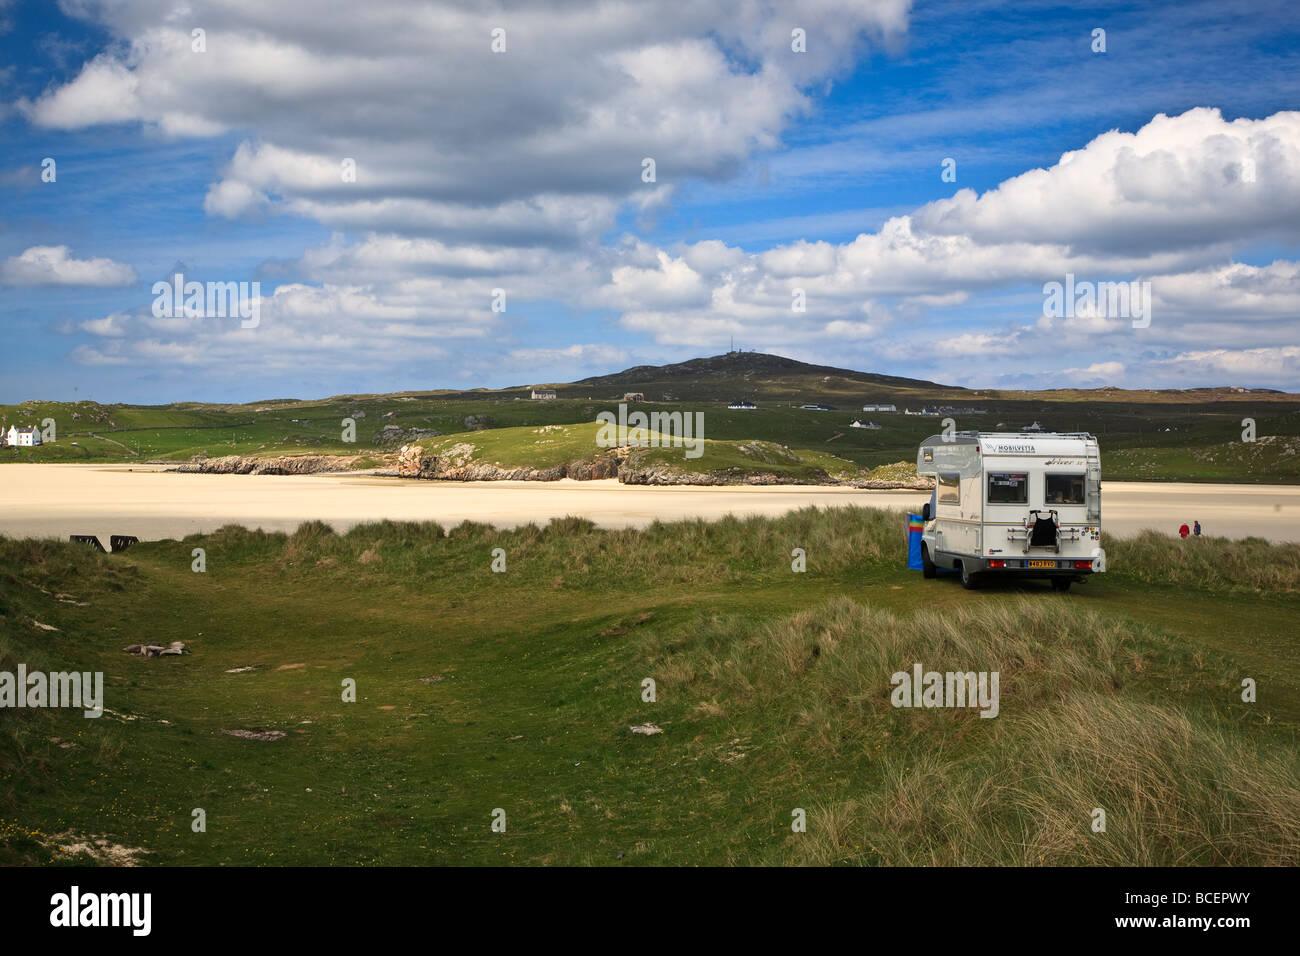 Uig Sands, Isle of Lewis, Outer Hebrides, Western Isles, Scotland. UK - Stock Image